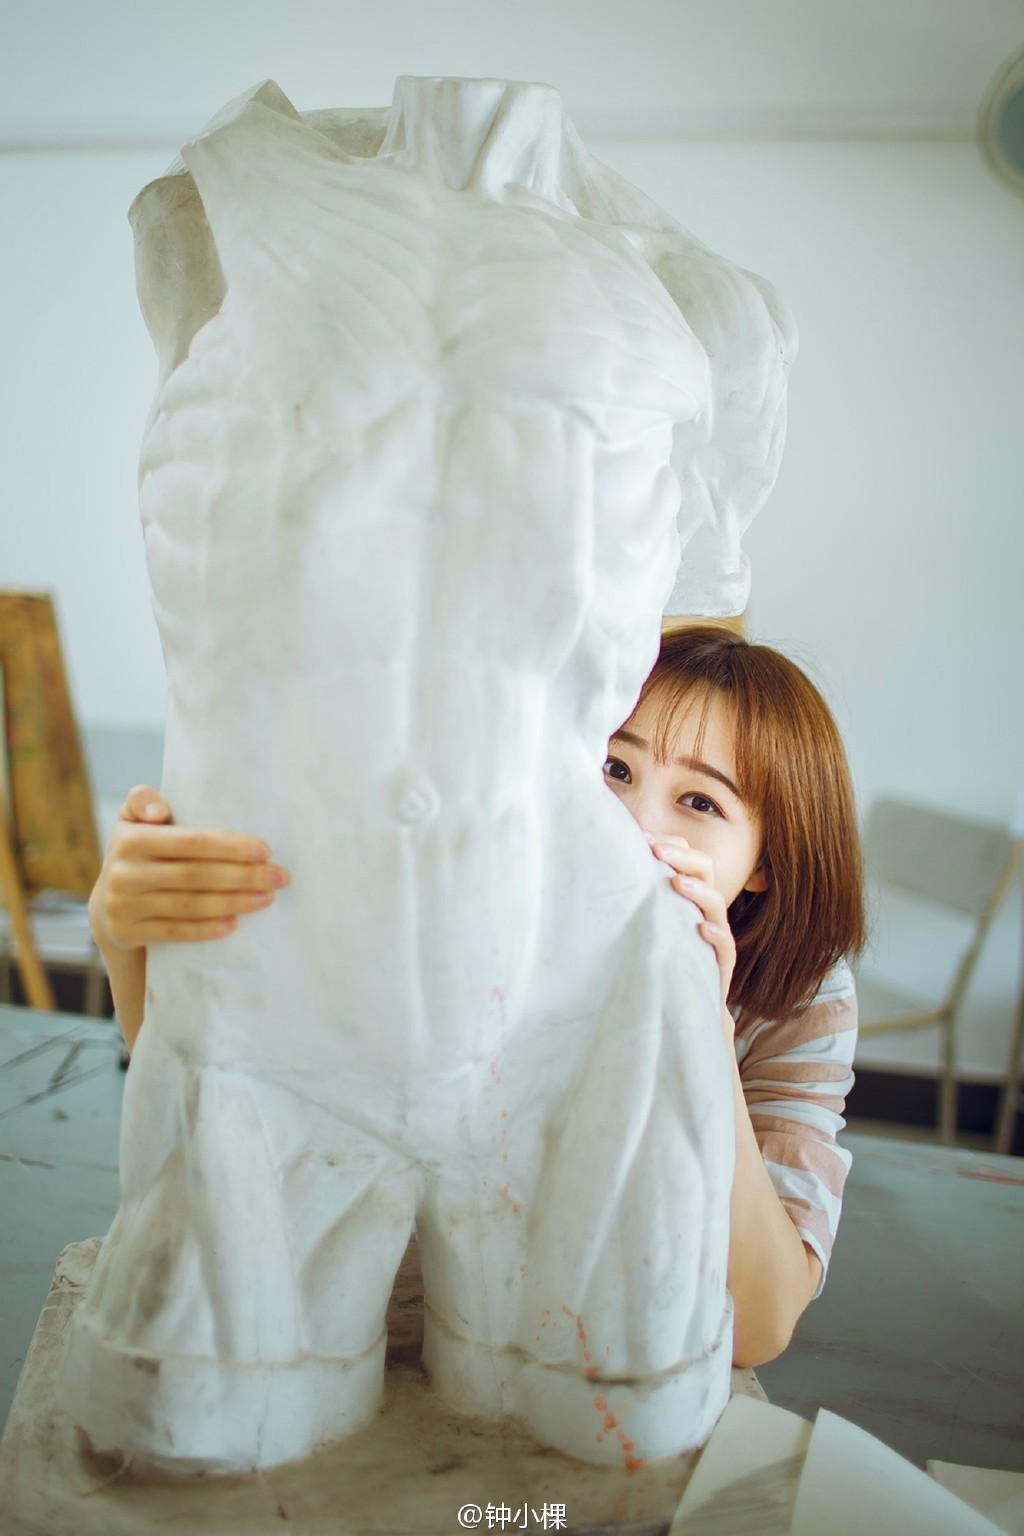 【画室】 武汉视频写真 @钟小棵